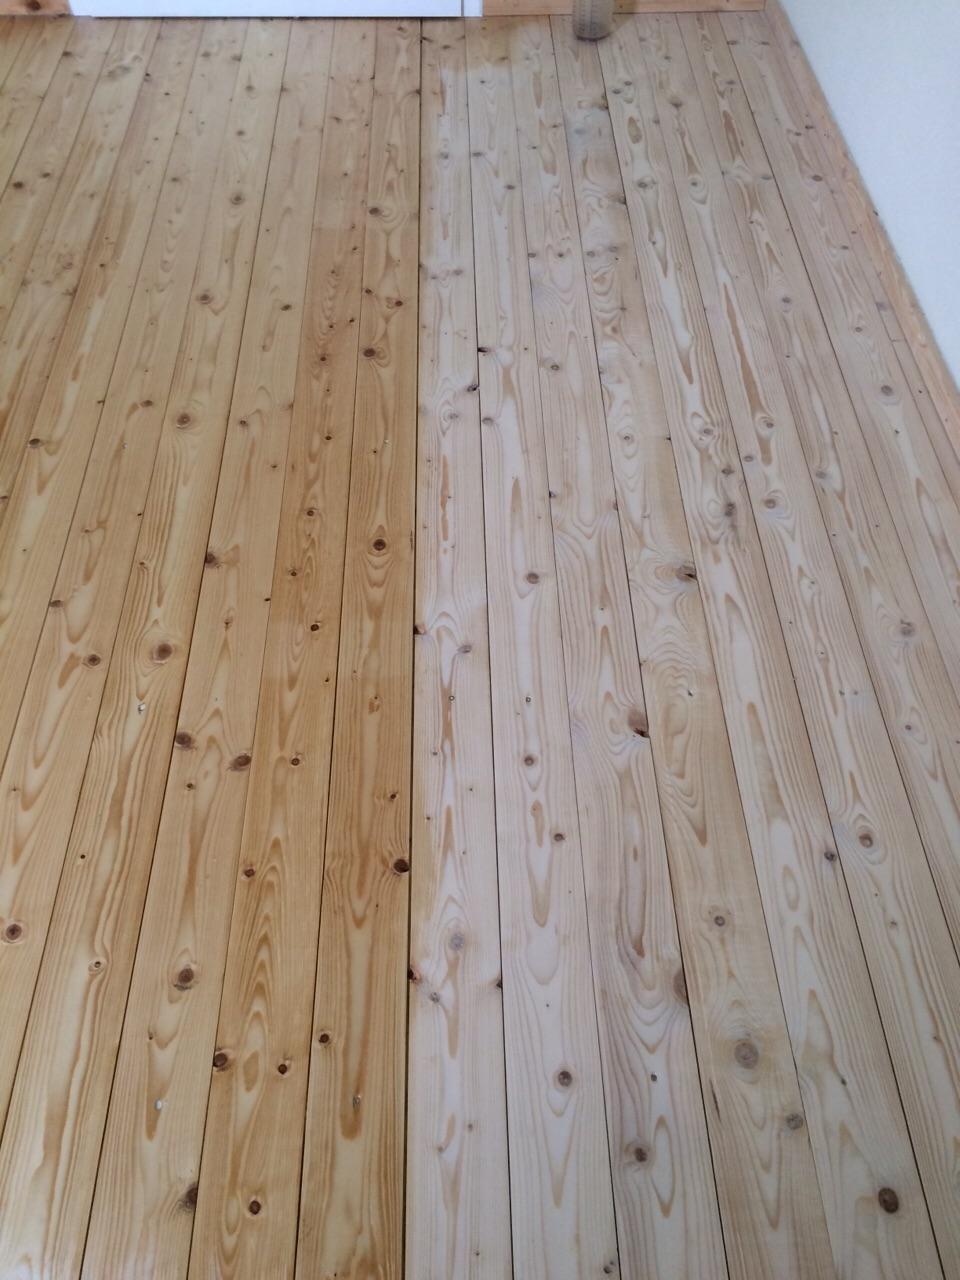 w hopp gmbh 65468 trebur heizen reinigen druckluft holzboden mit der neuen stick edge. Black Bedroom Furniture Sets. Home Design Ideas